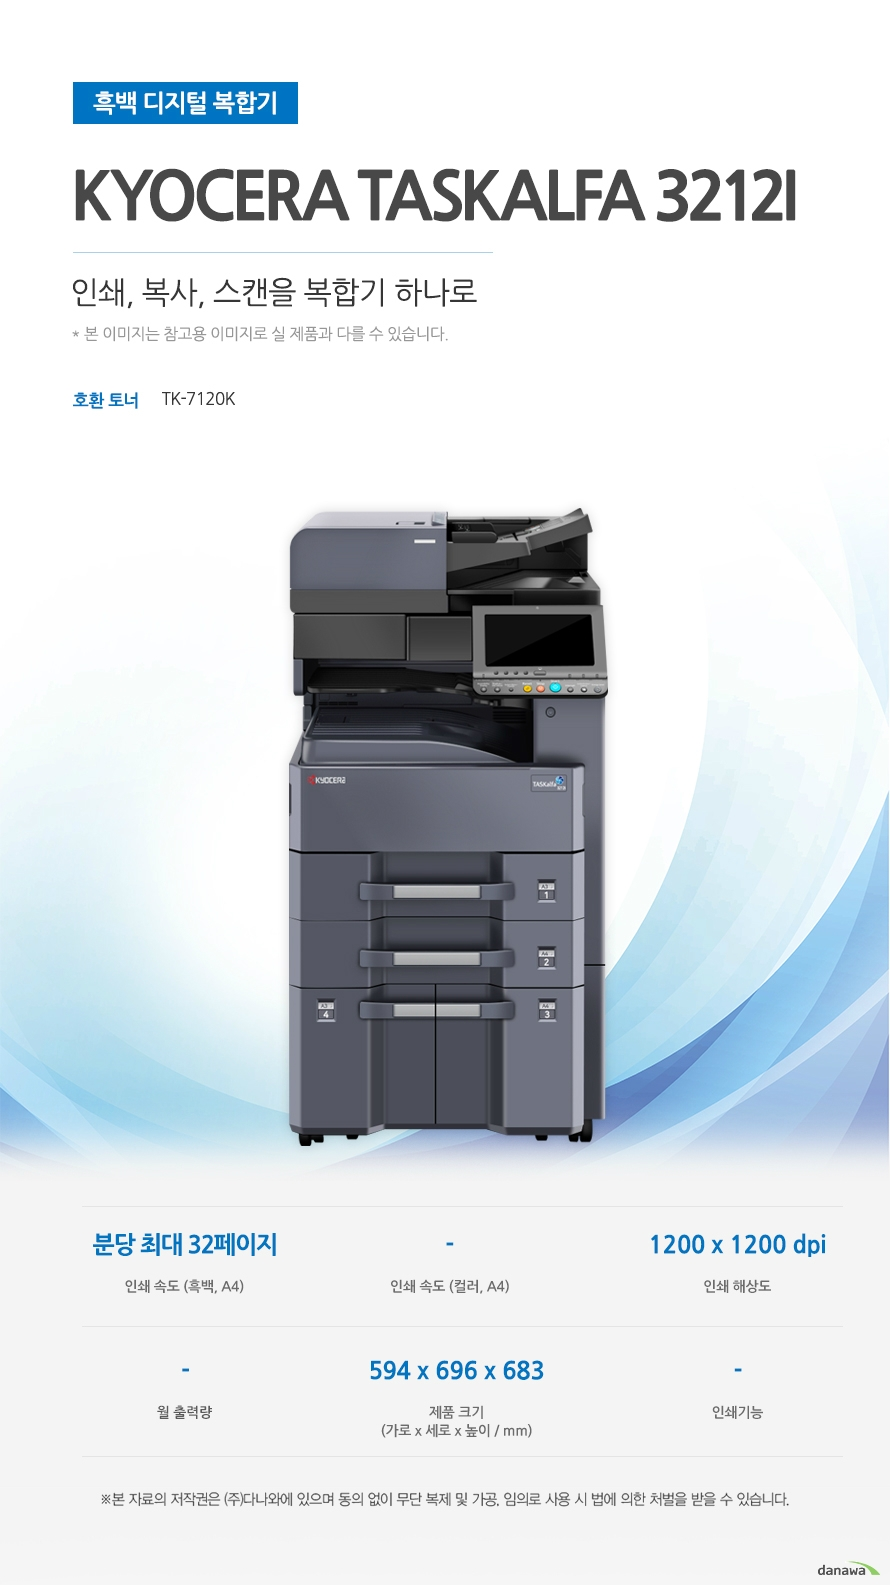 흑백 디지털 복합기 Kyocera TASKalfa 3212i (테이블 포함) 인쇄, 복사. 스캔을 복합기  하나로 호환토너 TK-7120K 인쇄 속도 (흑백, A4) 분당 최대 32페이지 / 인쇄 해상도 1200 x 1200 dpi / 제품 크기 (가로 x 세로 x 높이 / mm) 594 x 696 x 683 최대 32ppm의 빠른 인쇄 속도 다양한 문서에 대한 빠른 인쇄로 가정, 학교, 사무실 등 어느 환경에서나 답답함 없이 문서를 출력하실 수 있습니다.  *ppm: pages per minute (1분에 출력하는 페이지 수)흑백 출력 속도 32ppm / 흑백 첫 장 인쇄 4.9초 효율적인 용지급지 용지함을 한 번 채워 넣으면 용지를 자주 채워줄 필요 없이 오랫 동안 사용할 수 있어, 업무 중 불필요한 시간 낭비를 줄여줍니다.  *최대 용지함 개수와 최대 급지용량은 기본 장착이 아닙니다. 제품 구매 전 옵션 사항을 확인하세요. 최대 용지함(옵션) 4단 용지함 / 기본 급지 용량 1,100매 / 최대 급지 용량  4,100매 어느 공간에나 어울리는 컴팩트한 사이즈 컴팩트한 사이즈로 다양한 환경에서 부담없이 설치하고 효율적으로 배치시킬 수 있습니다. 594 x 696 x 683mm 가로 x 세로 x 높이 사무환경에 맞는 인쇄, 복사, 스캔 기능 인쇄, 복사, 스캔 기능을 결합하여 불필요한 시간 절약은 물론, 더욱 효율적인 처리가 가능합니다. *팩스의 경우 기본장착이 아닙니다. 제품 구매 전 옵션 사항을 확인 하세요.